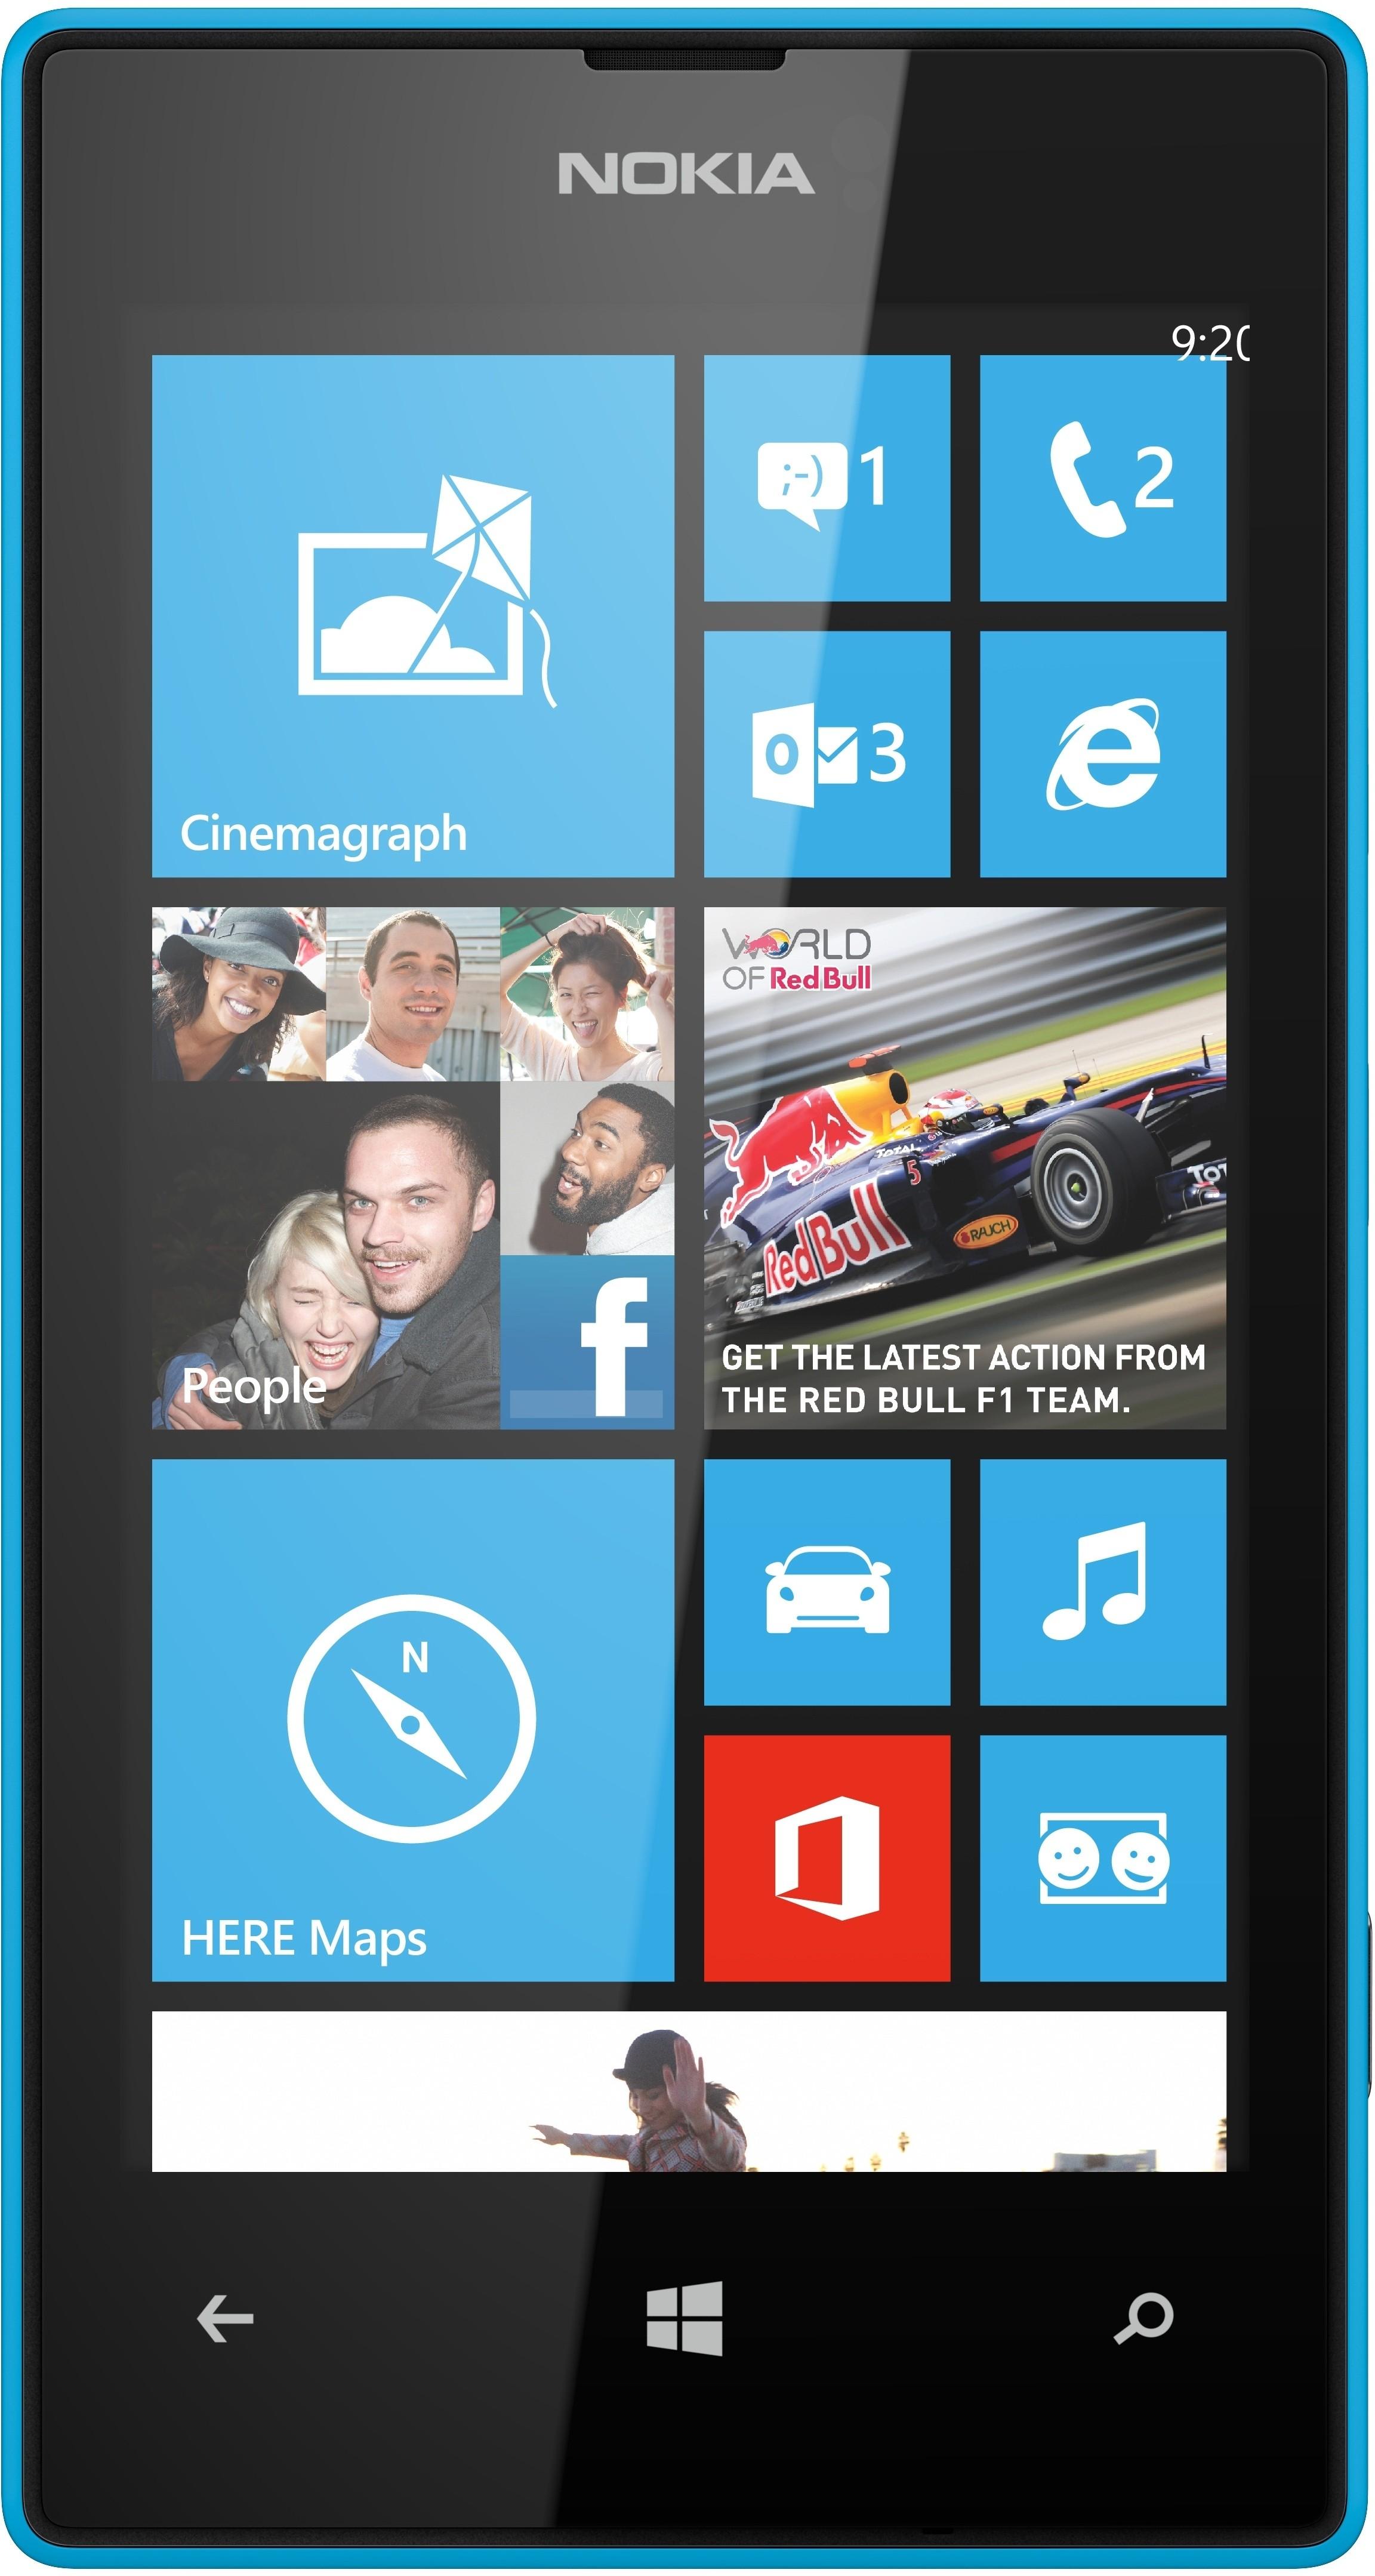 Nokia Lumia 520 Price In India Buy Nokia Lumia 520 Yellow 8 Online Nokia Flipkart Com